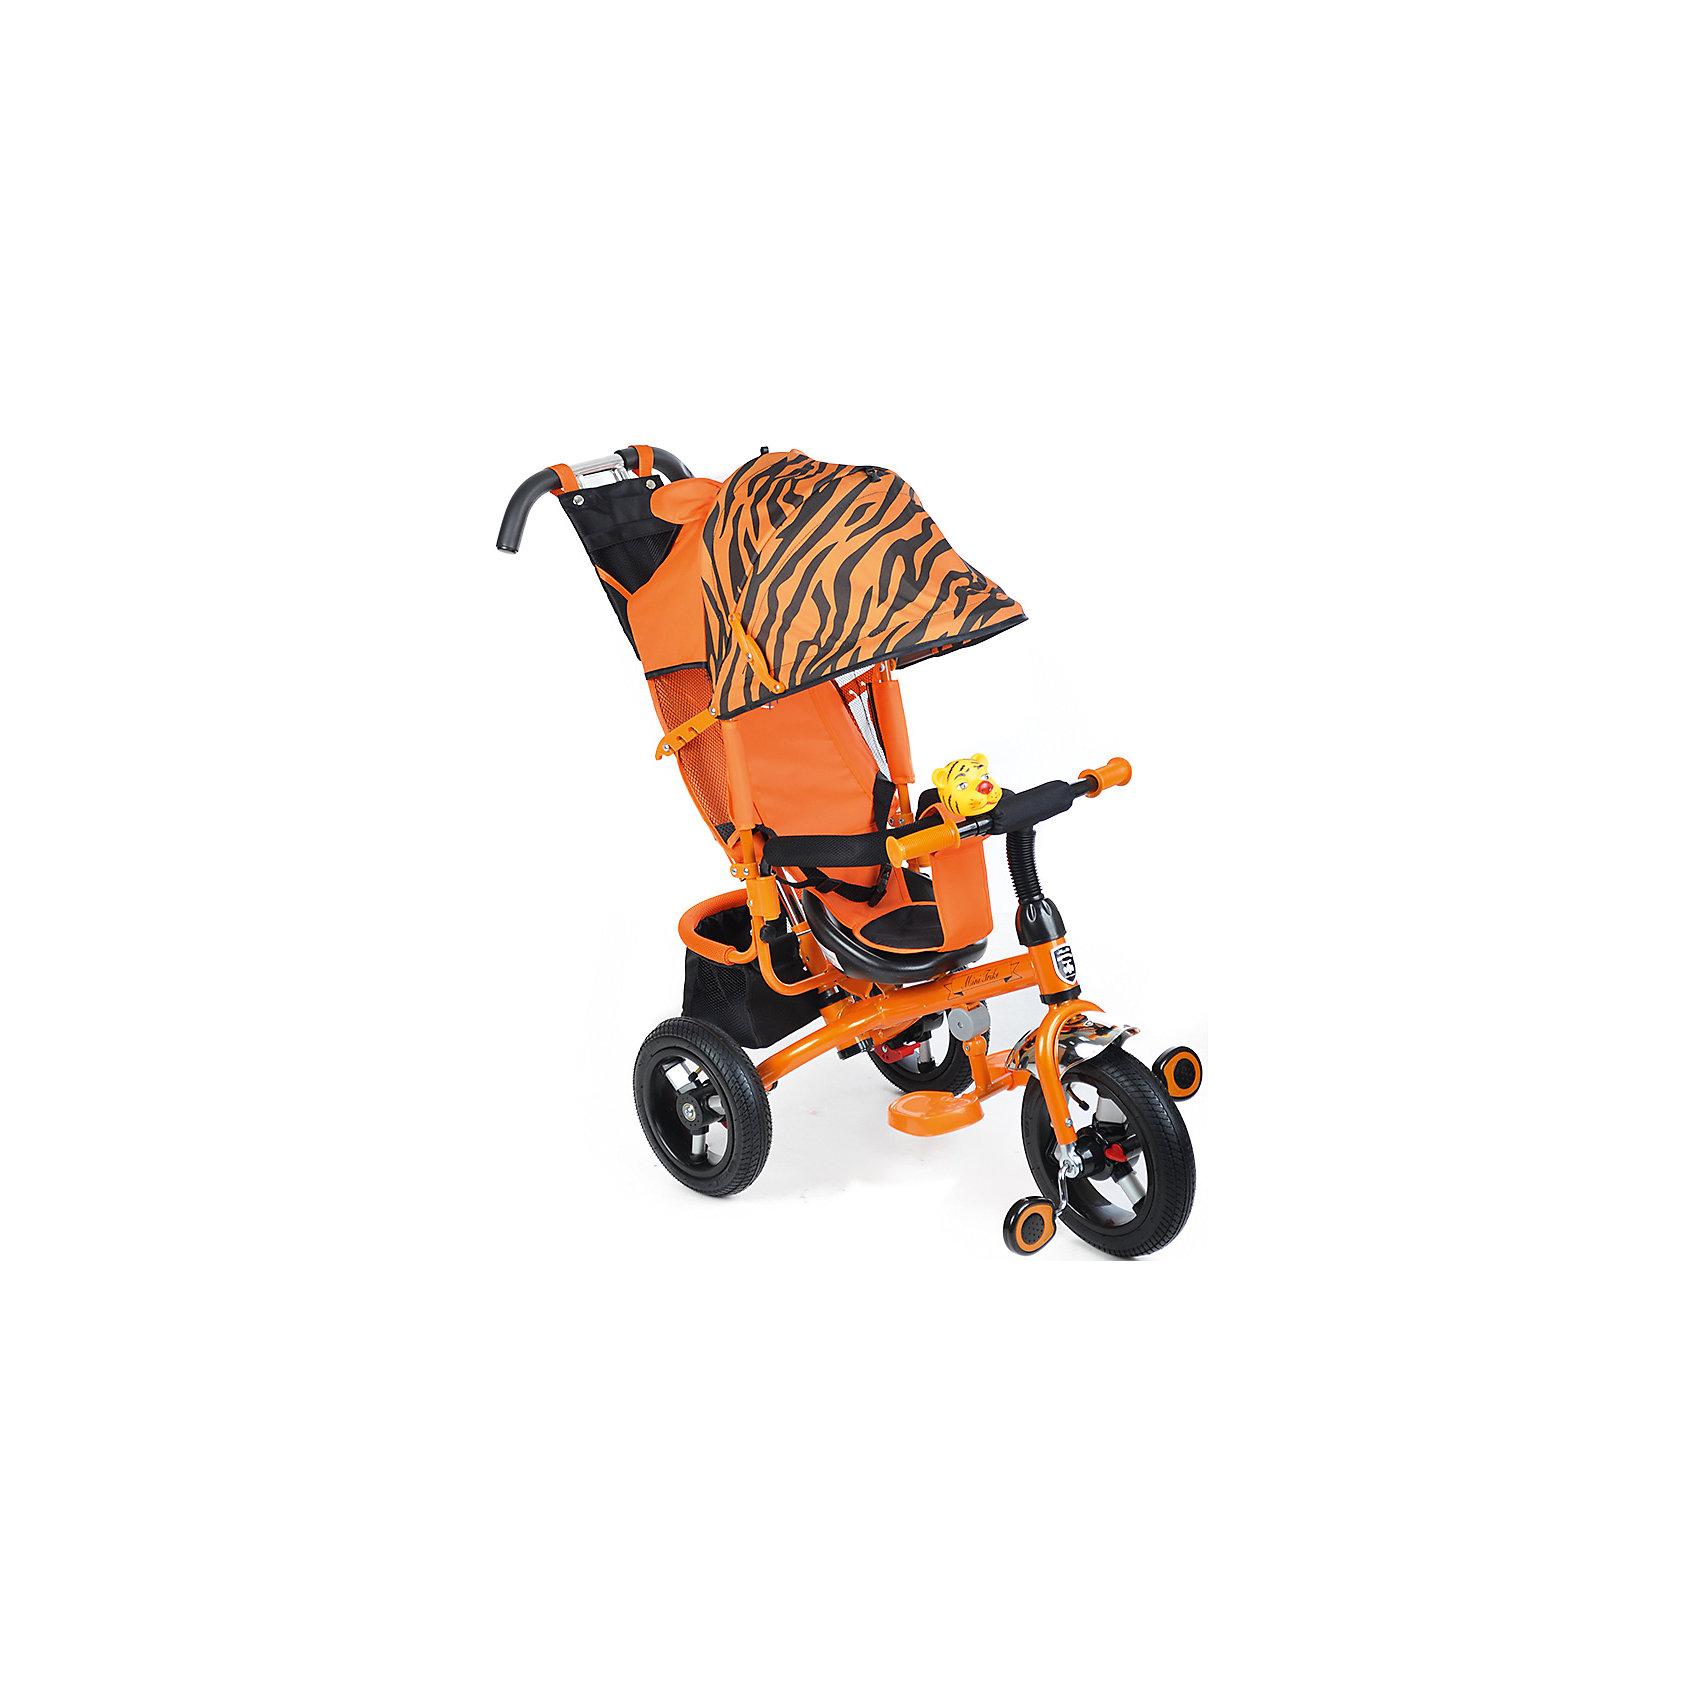 Велосипед трехколесный Тигр, MINI TRIKEКрасивый и удобный велосипед - предмет желаний огромного количества детей! Также для родителей он сможет выполнять функции коляски. Велосипед приводится в действие, когда начинаешь крутить педали. На нем очень комфортно ездить благодаря продуманному размеру колес, их размер точно вымерен для того, чтобы обеспечить устойчивость на поворотах. С помощью велосипеда ребенок будет развивать внимательность и пространственное мышление, а также учиться правильно использовать пространство.<br>Велосипед выполнен в стильной расцветке, он произведен из высококачественных материалов. Эти материалы безопасны для ребенка. Он имеет созданную специалистами конструкцию, которая обеспечит ребенку комфорт и безопасность.<br><br>Дополнительная информация:<br><br>цвет: тигровый;<br>подножка складывается;<br>сиденье с высокой воздухопроницаемой спинкой и с мягким тканевым вкладышем;<br>можно увеличить или уменьшить расстояние от сиденья до руля;<br>пластиковые колеса диаметром 12 и 10 (переднее и задние соответственно);<br>ножной тормоз на задние колеса;<br>регулируемый большой капор с фиксатором уровней открытости;<br>разъемный навес;<br>смотровое окно в задней части навеса;<br>удобный вместительный багажник;<br>сумочка для мелочей на ручке управления;<br>клаксон-игрушка.<br>размер: 83x49x100 см.<br><br>Велосипед трехколесный Тигр, от марки MINI TRIKE можно купить в нашем магазине.<br><br>Ширина мм: 940<br>Глубина мм: 520<br>Высота мм: 1100<br>Вес г: 10500<br>Возраст от месяцев: 12<br>Возраст до месяцев: 60<br>Пол: Унисекс<br>Возраст: Детский<br>SKU: 4715388